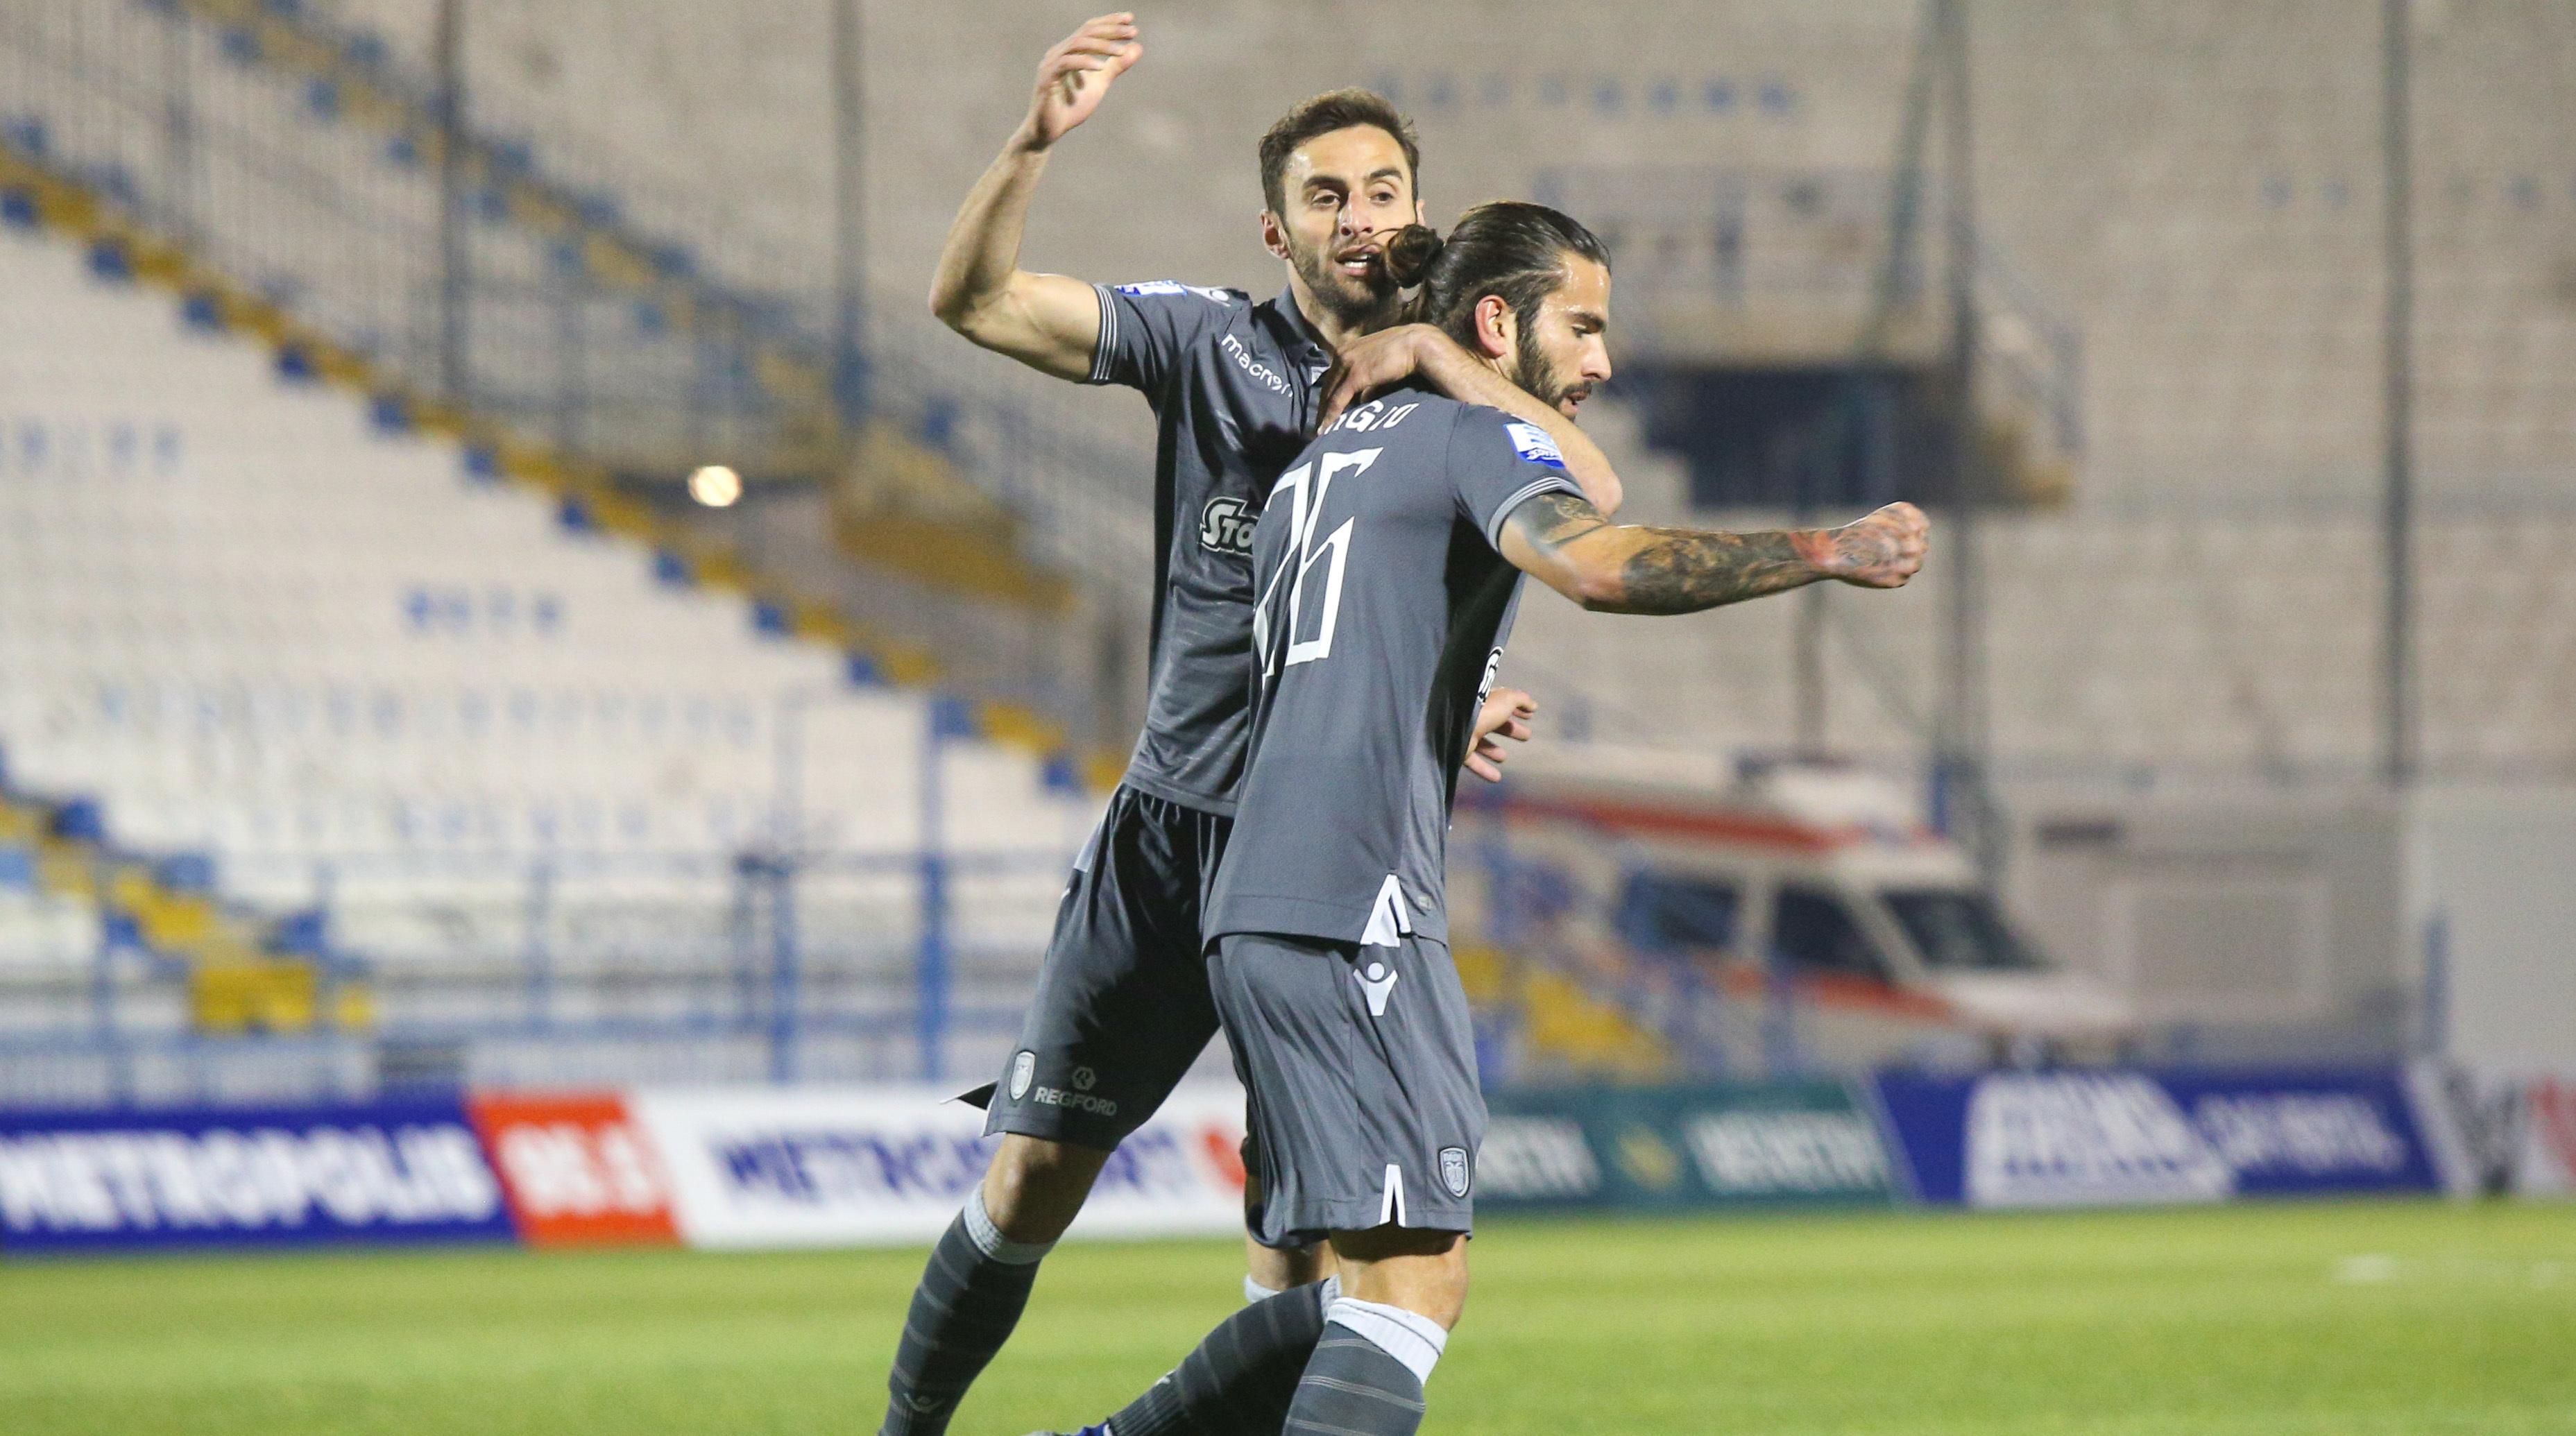 Apollon Smyrni – PAOK: Highlights